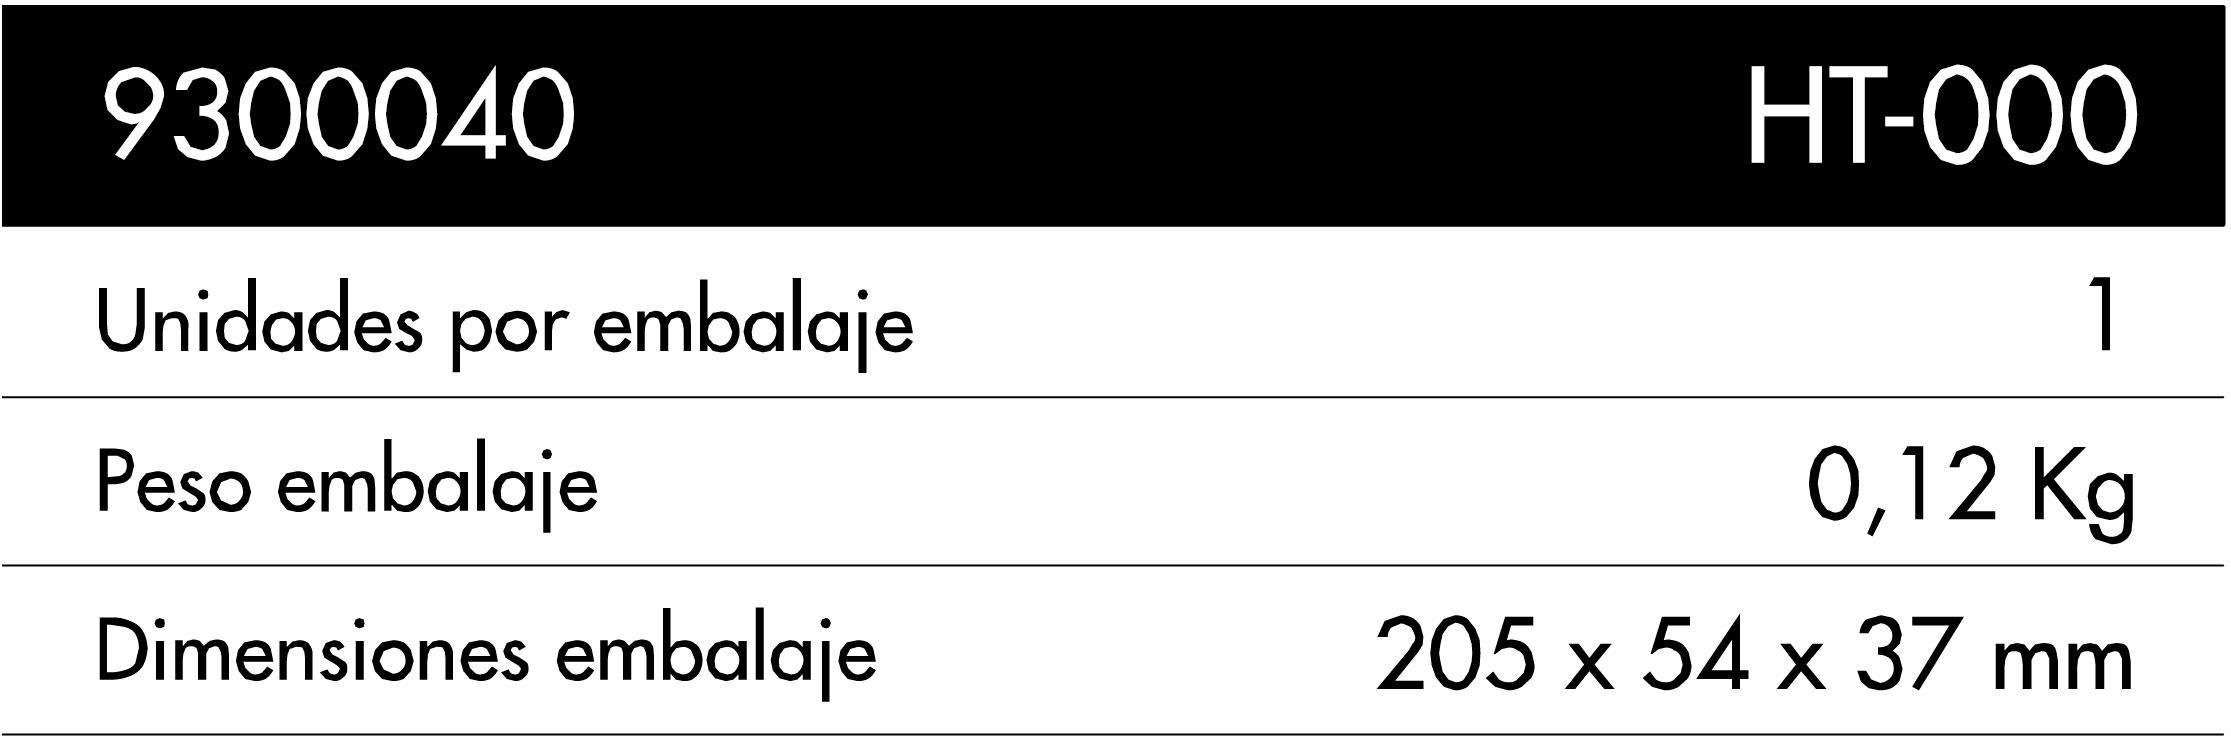 9300040-tablaES.jpg